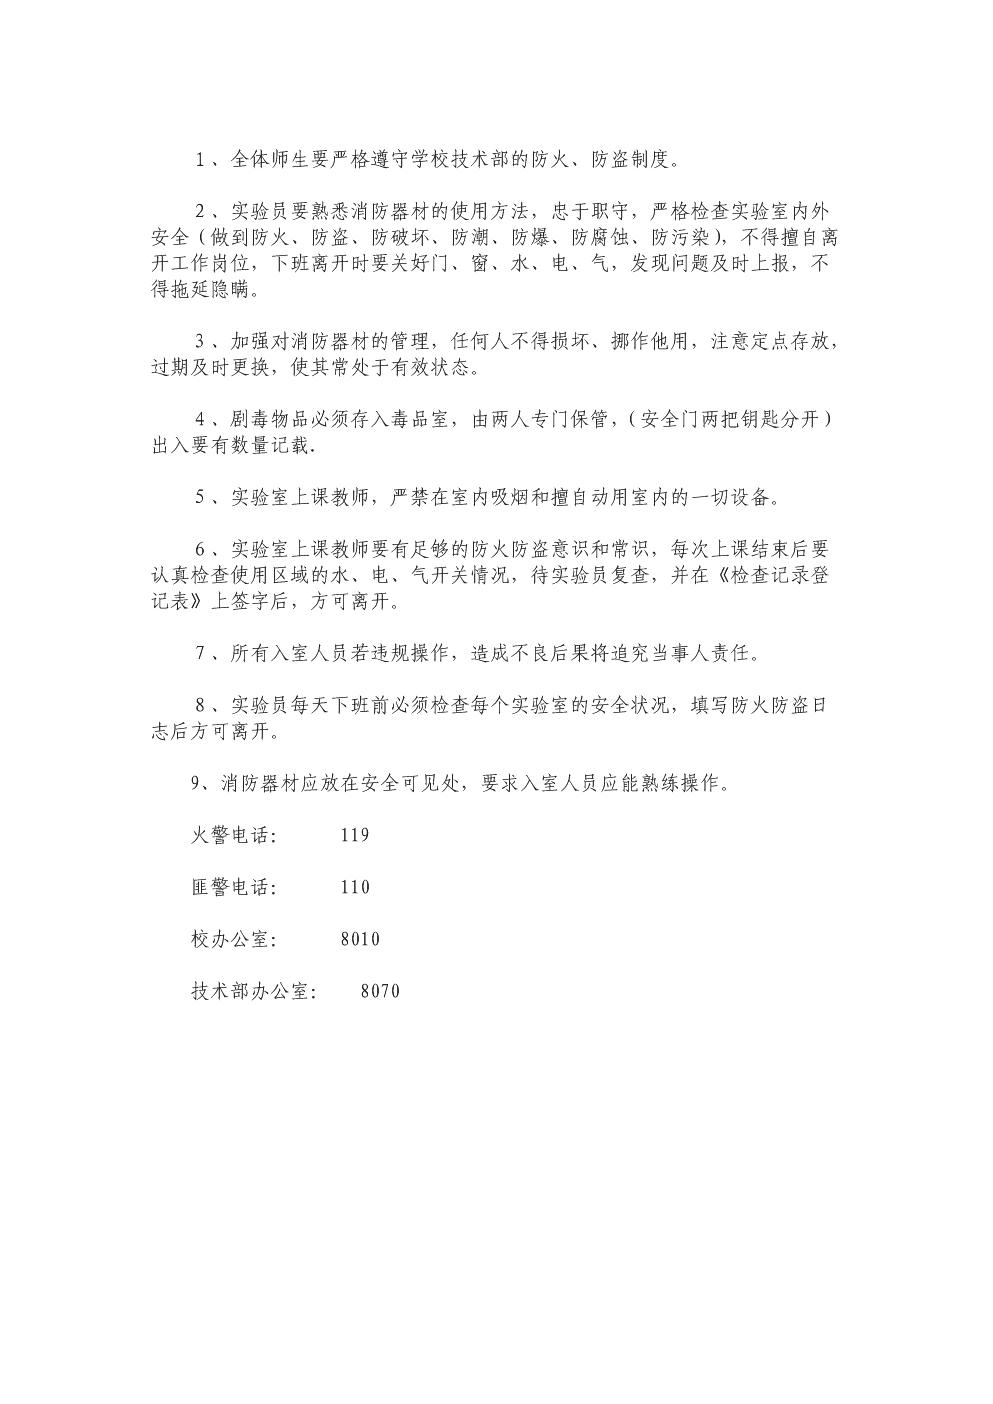 实验室防火防盗安全制度.doc